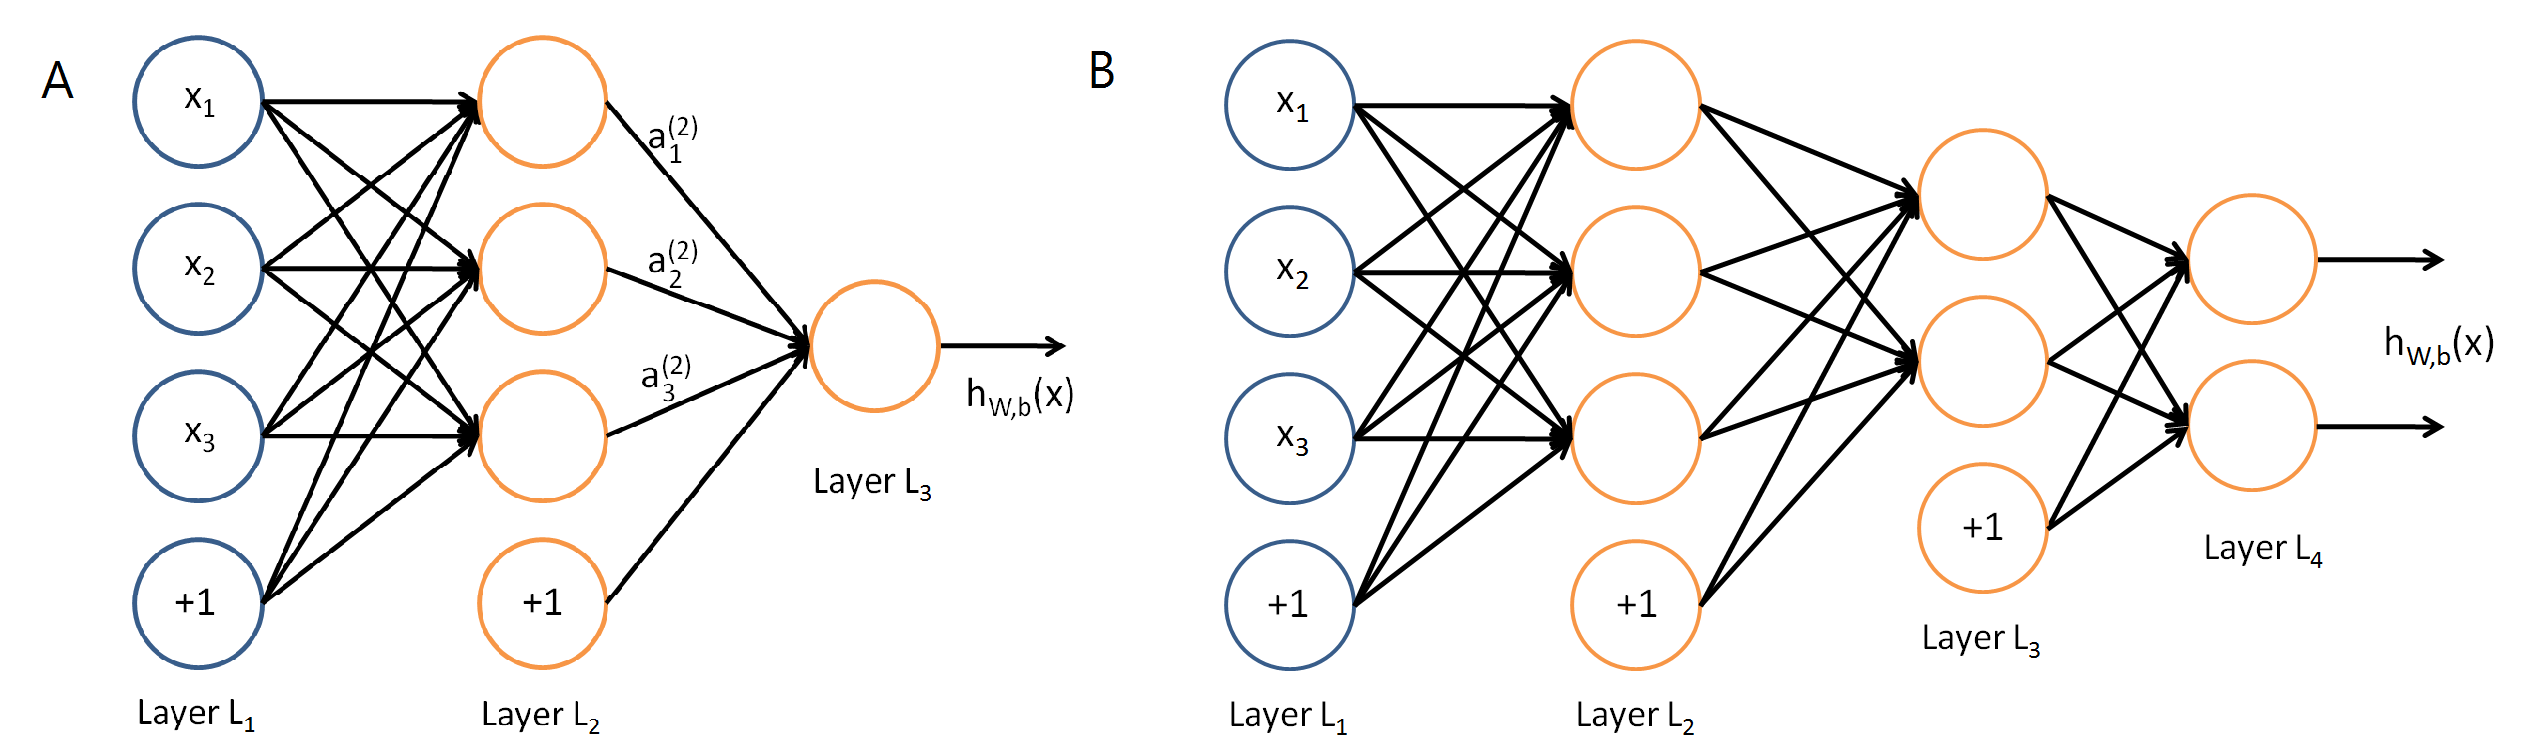 圖一:A. 「淺」神經網路,只有一層隱藏層。B.深度神經網路,有兩層隱藏層。(圖片來源: Stanford Deep Learning Lab)